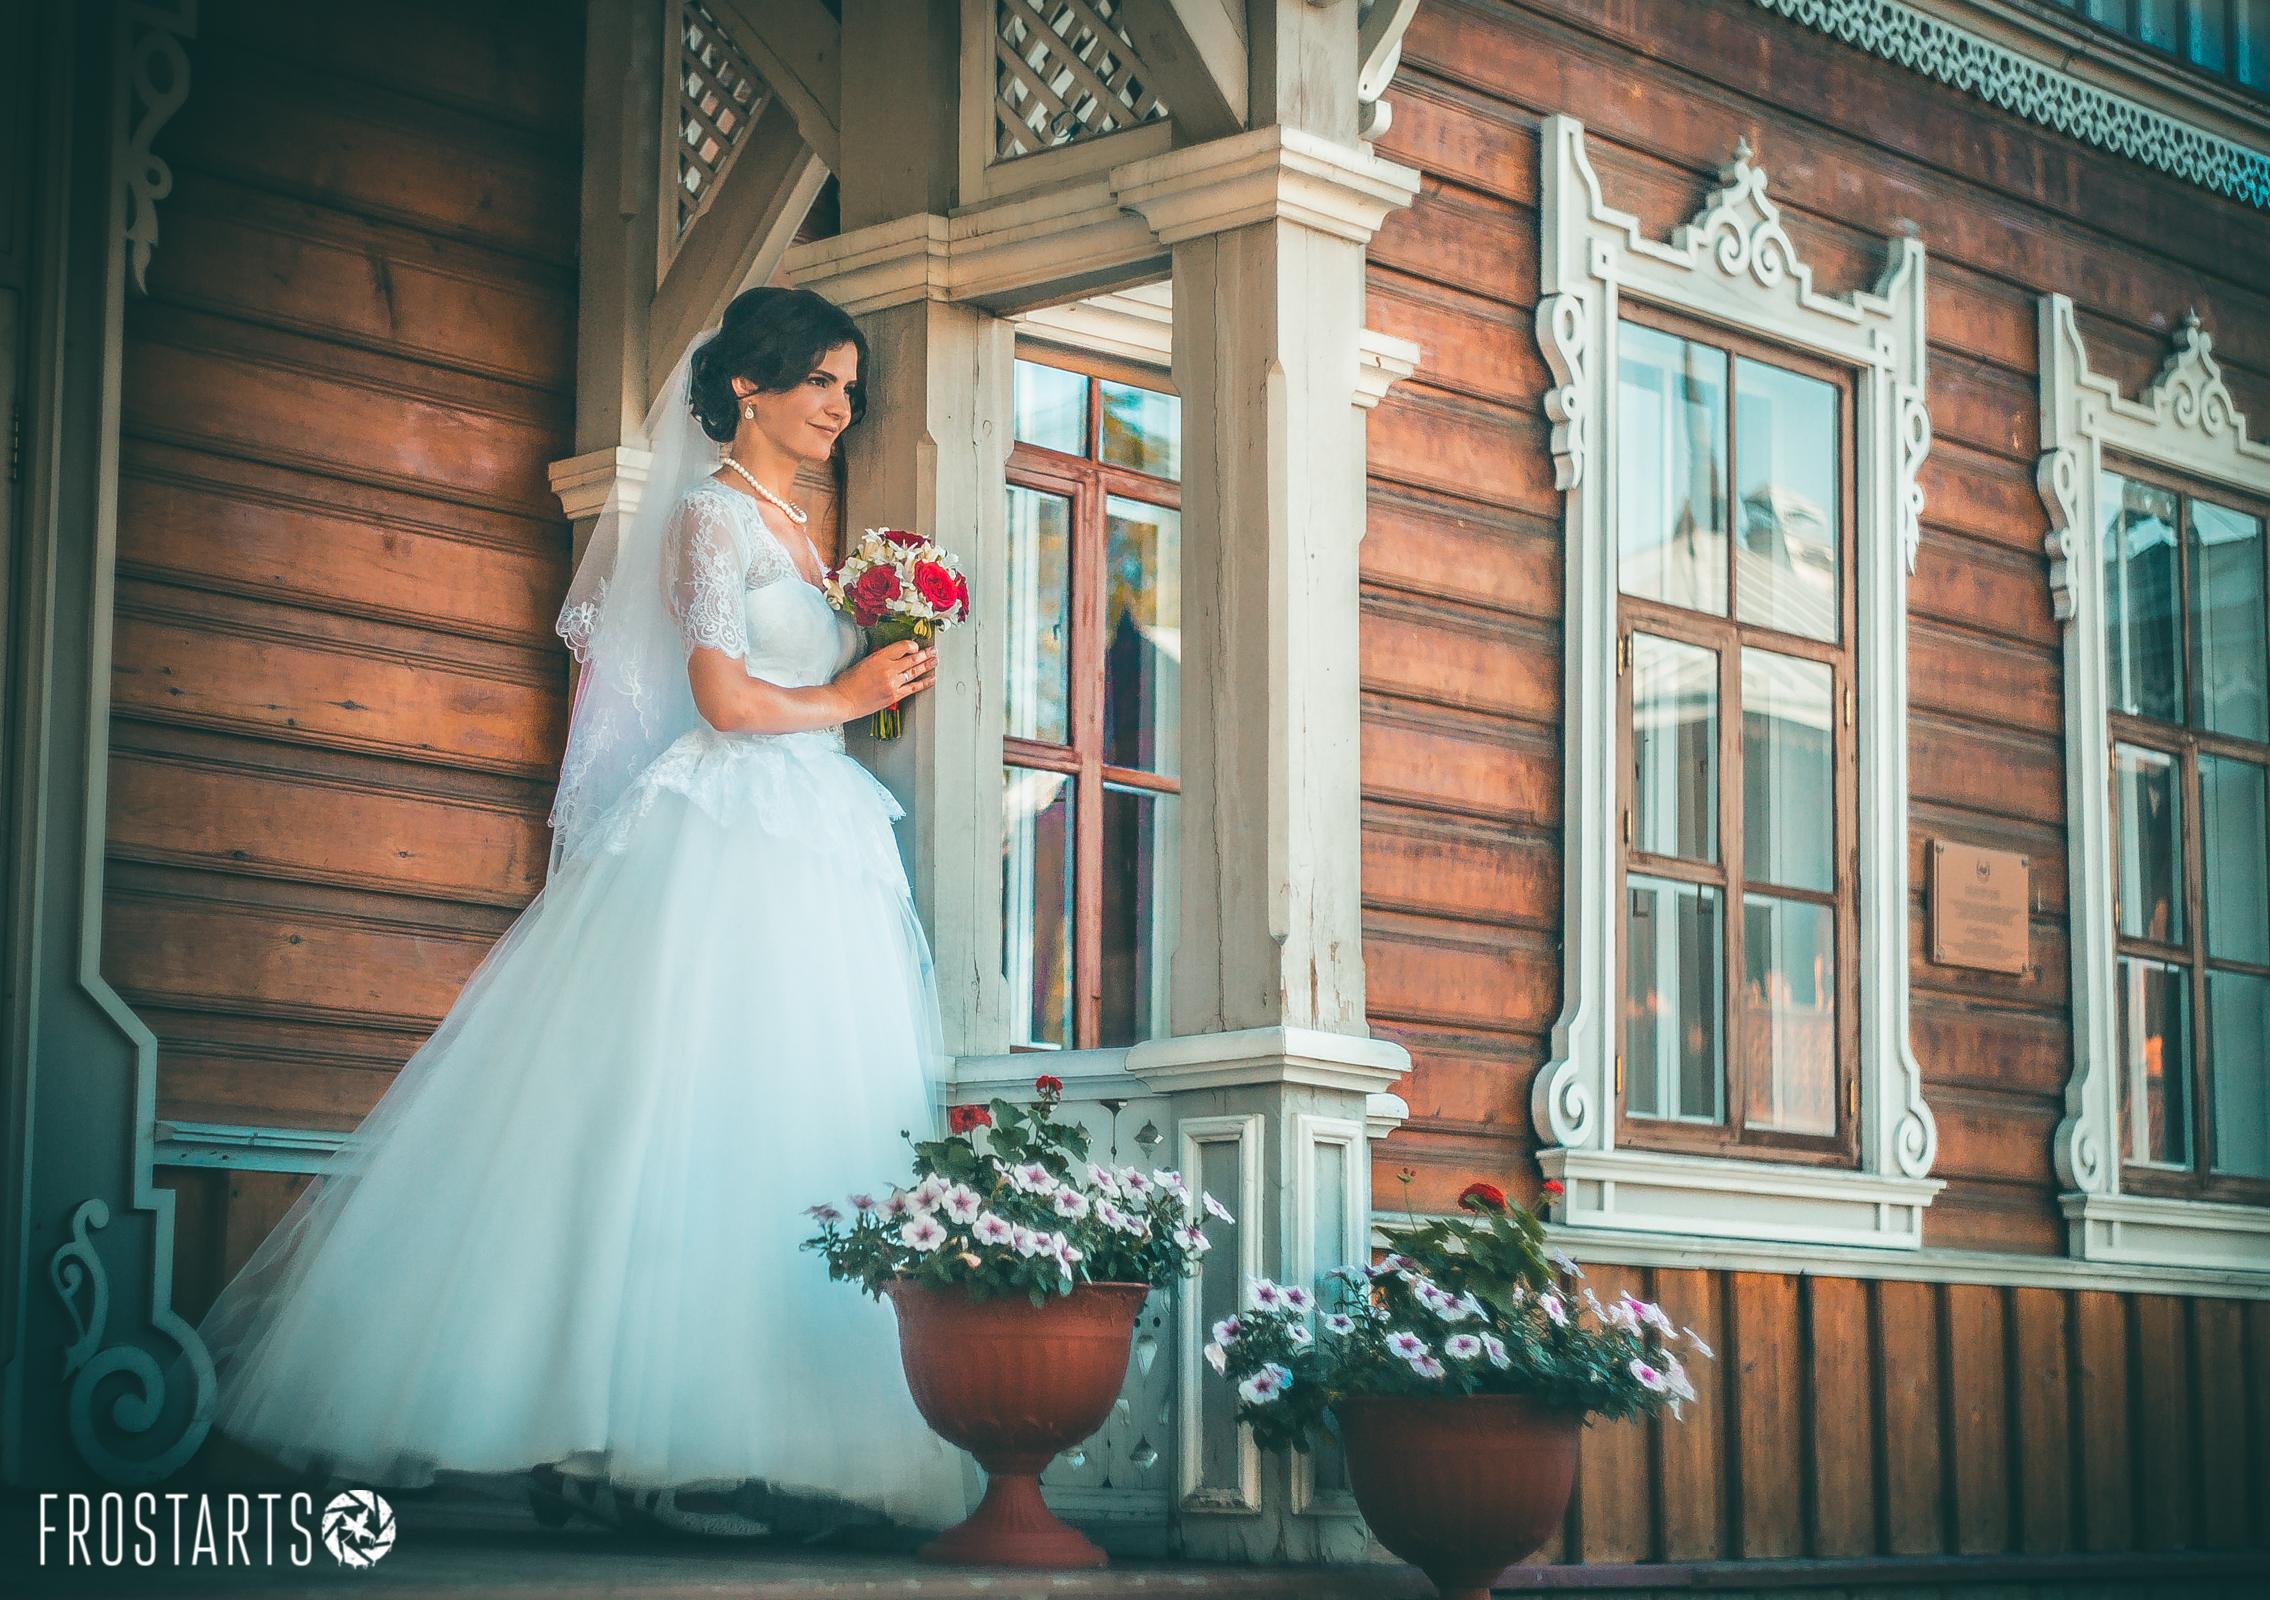 можете ощутить необычные места для фотосессии в иркутске делает